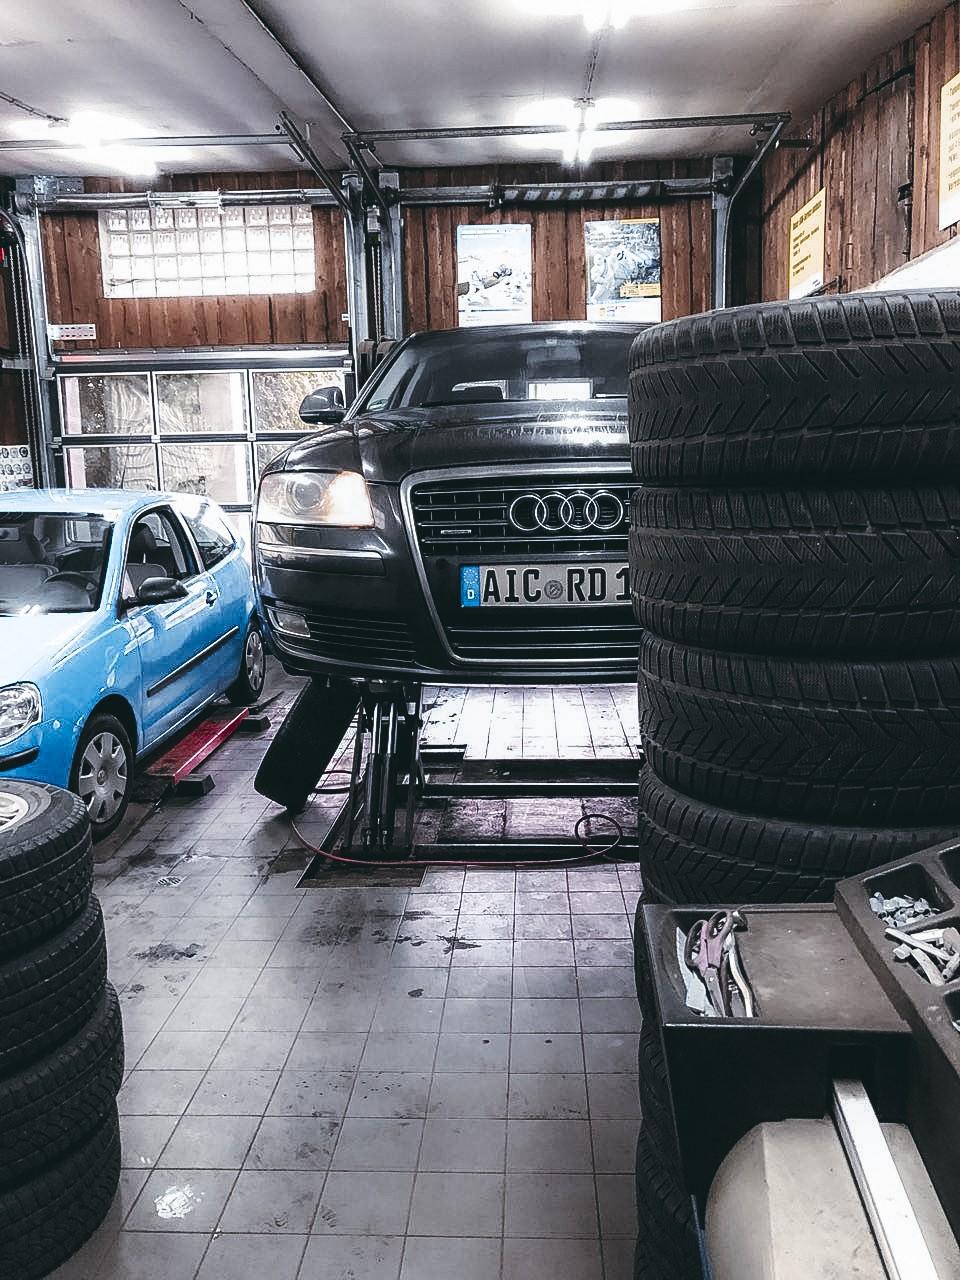 Обслуживание авто в Германии на неофициальных сервисах